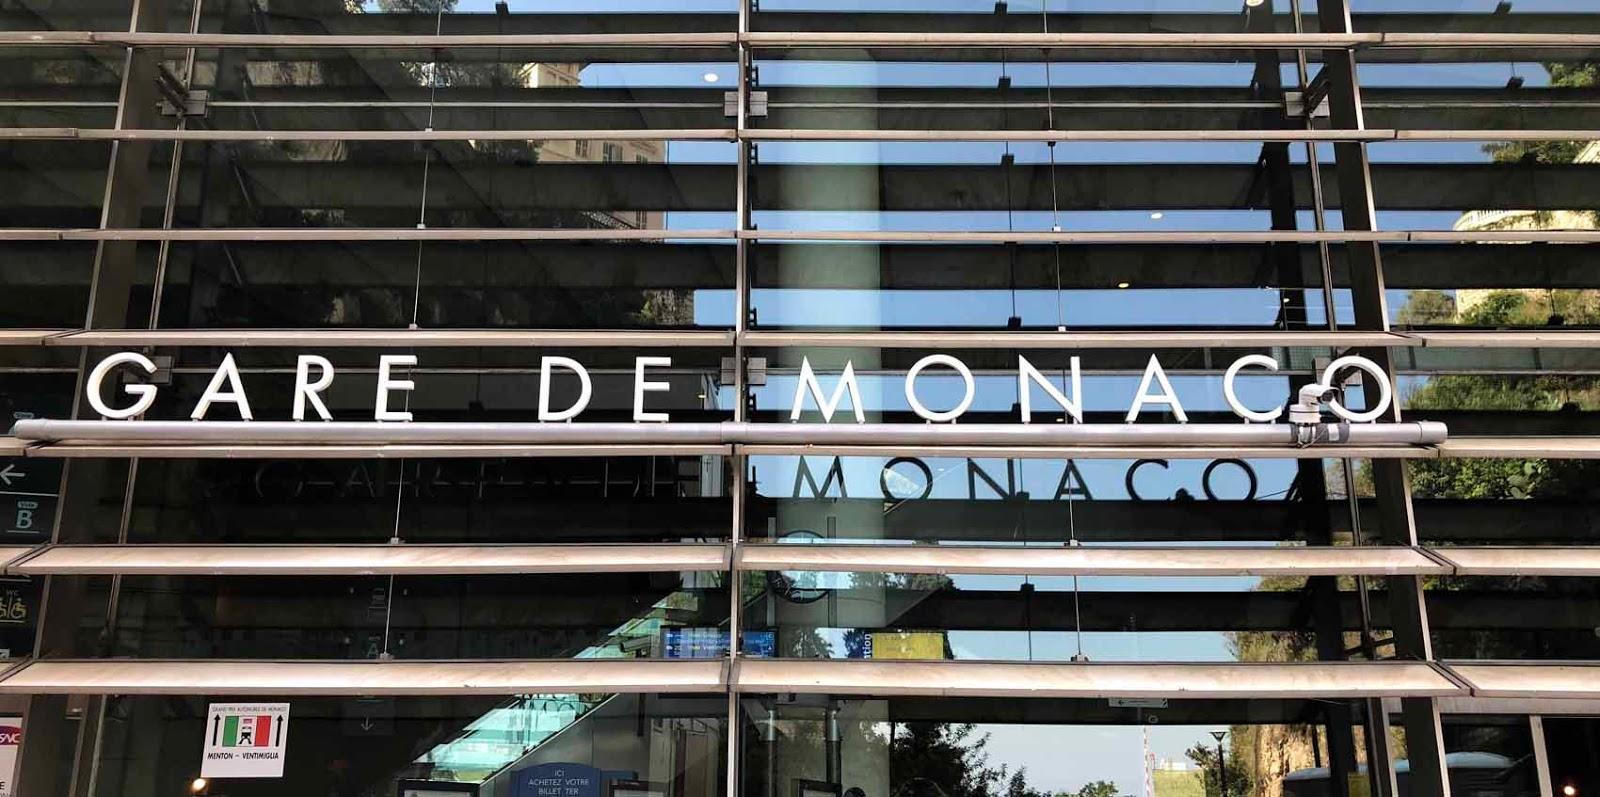 Monacon asema